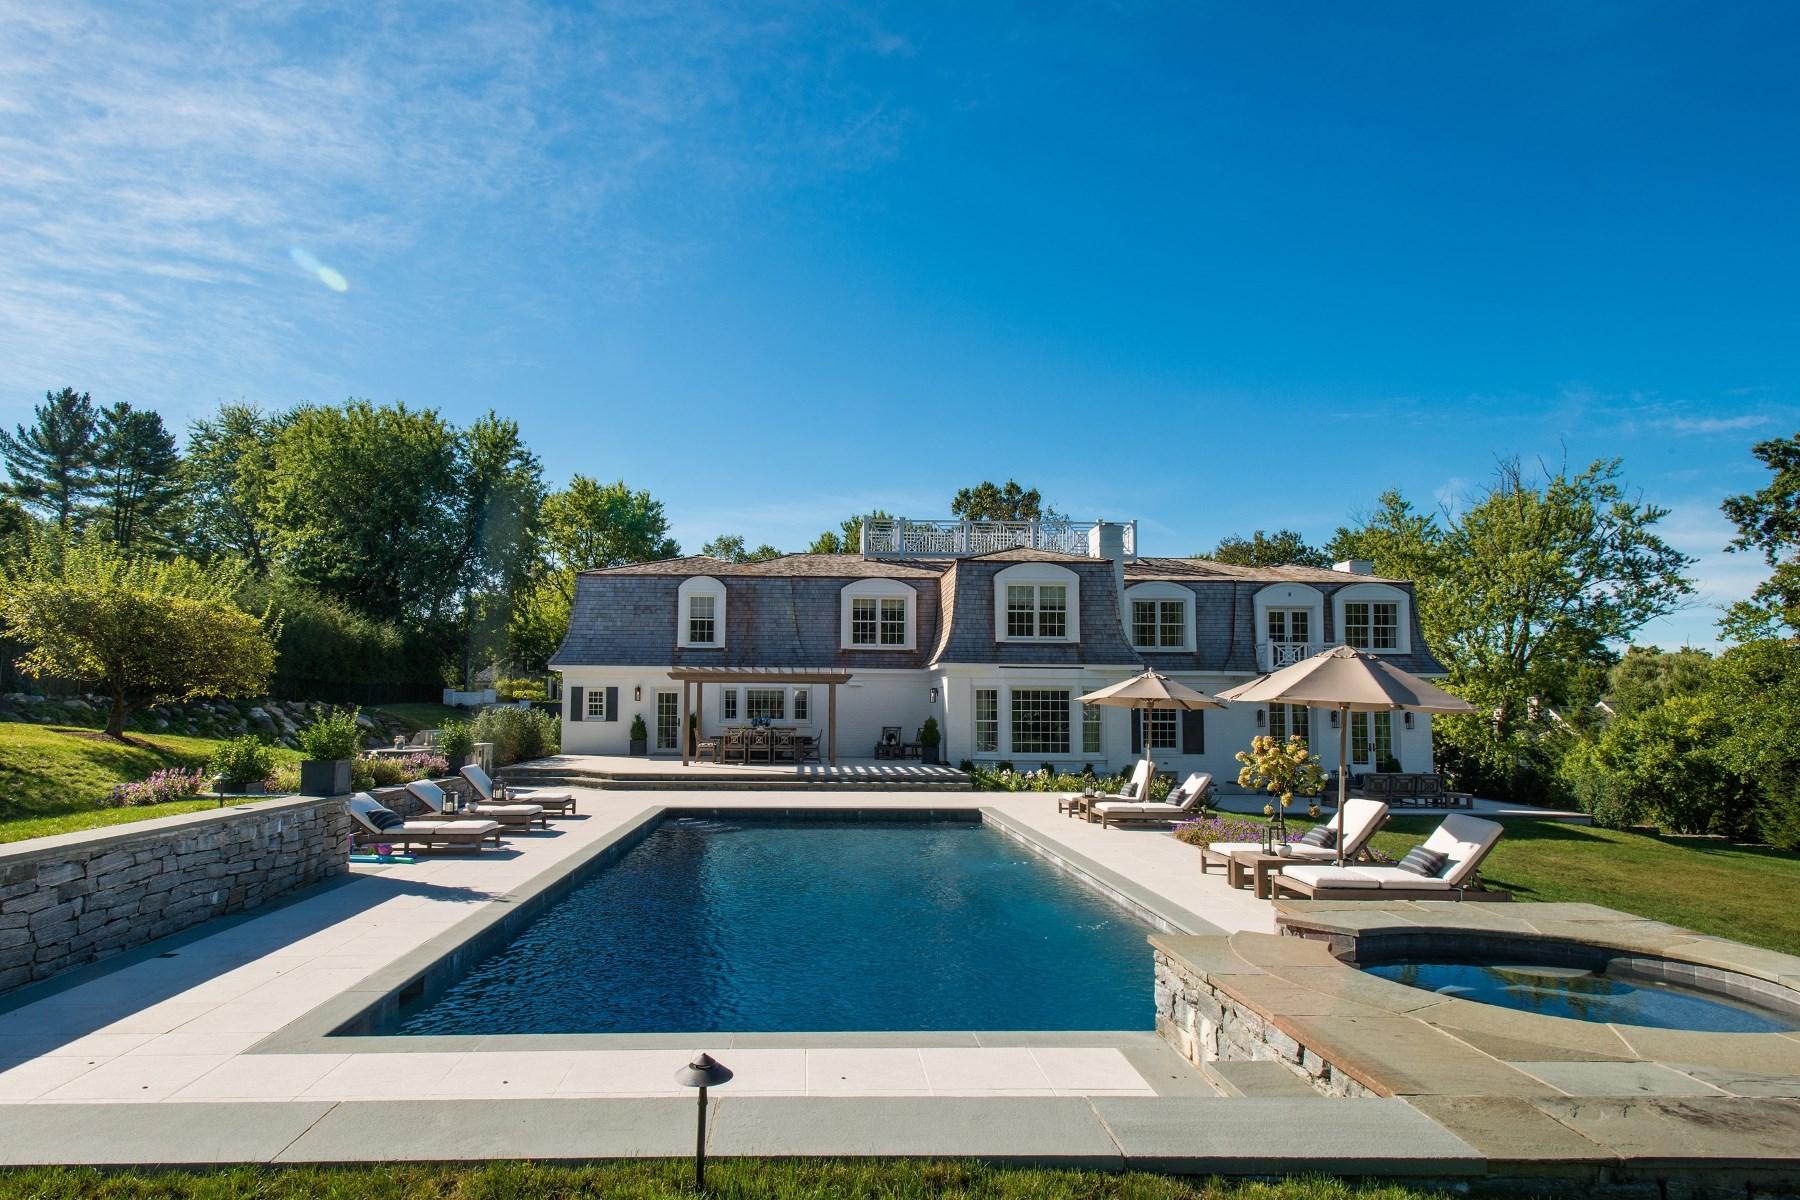 Maison unifamiliale pour l Vente à Lindsay Drive 5 Lindsay Drive Greenwich, Connecticut, 06830 États-Unis